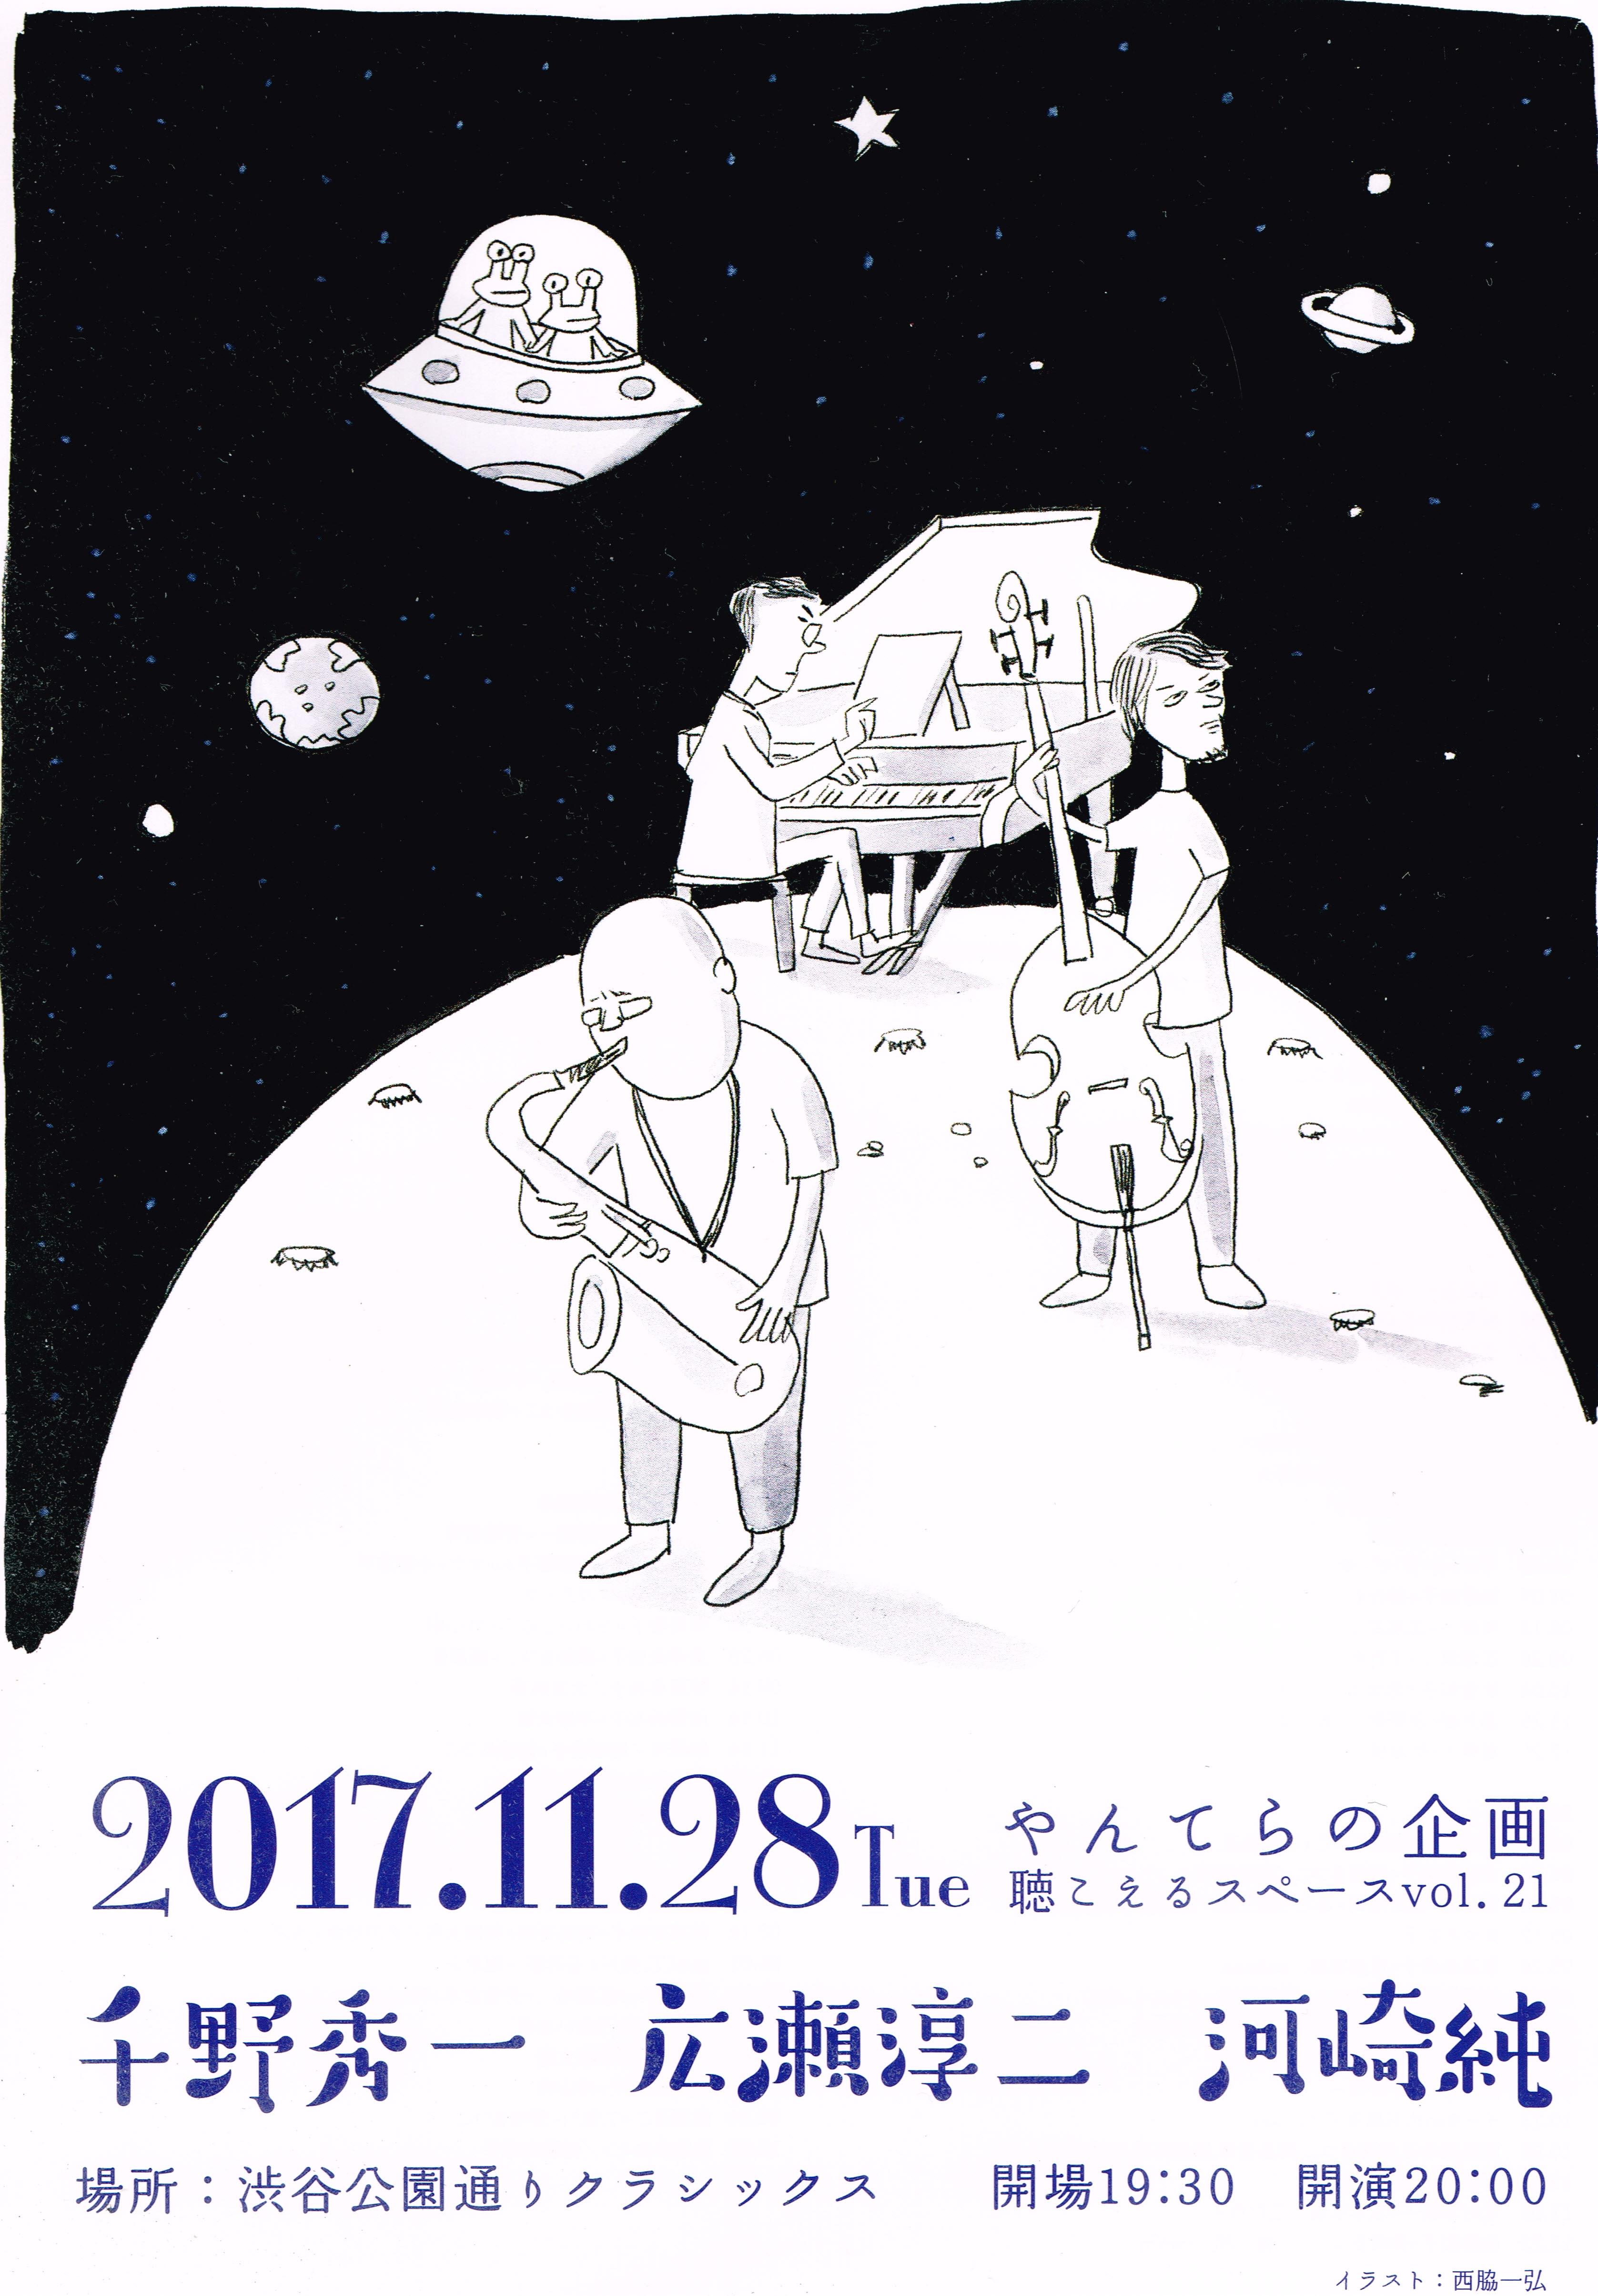 『やんてらの企画 聴こえるスペースvol.21』  千野秀一+広瀬淳二+河崎純